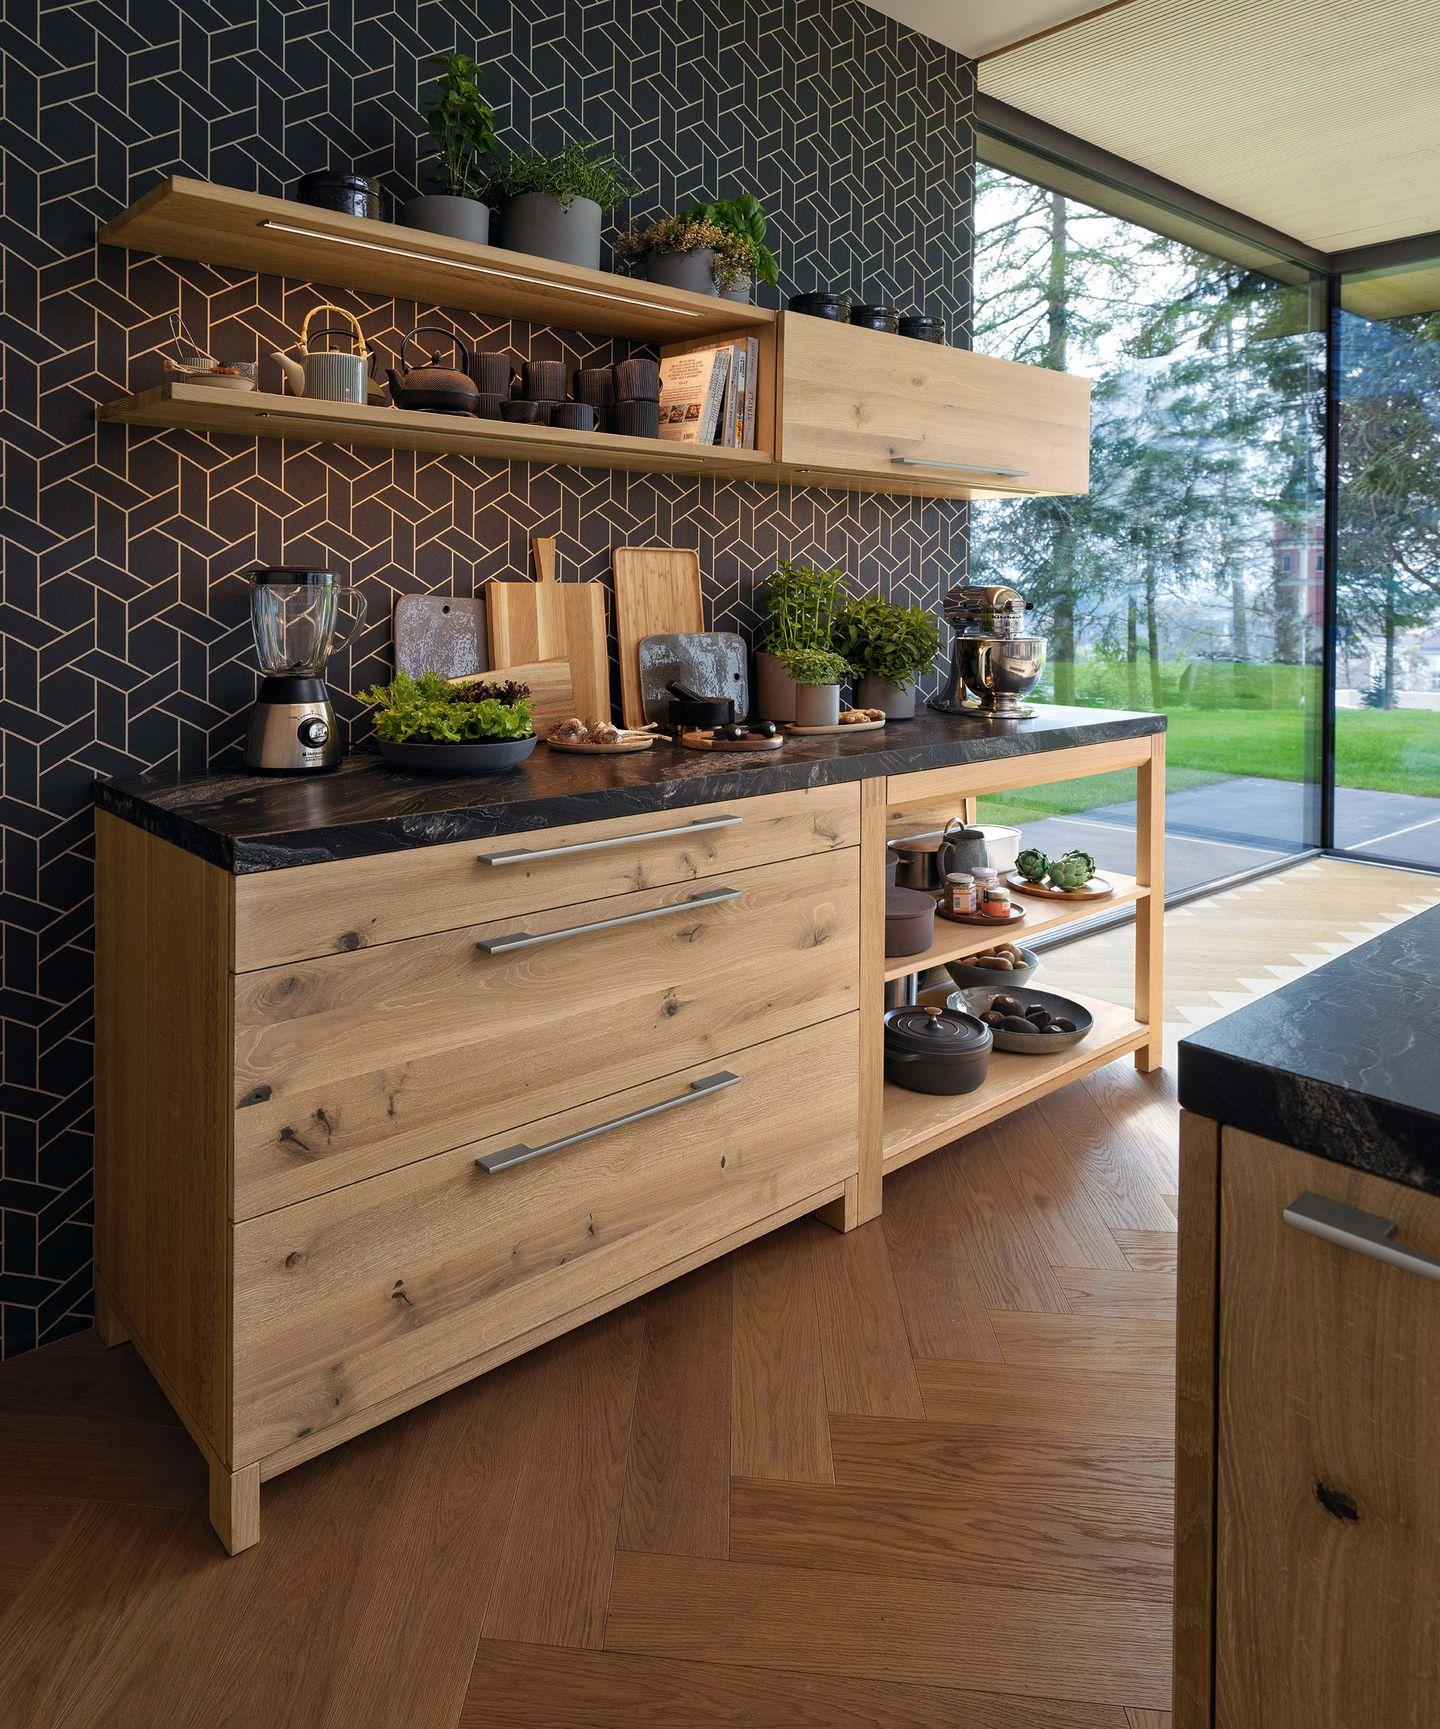 Teil der loft Küche mit Regal und Oberschrank